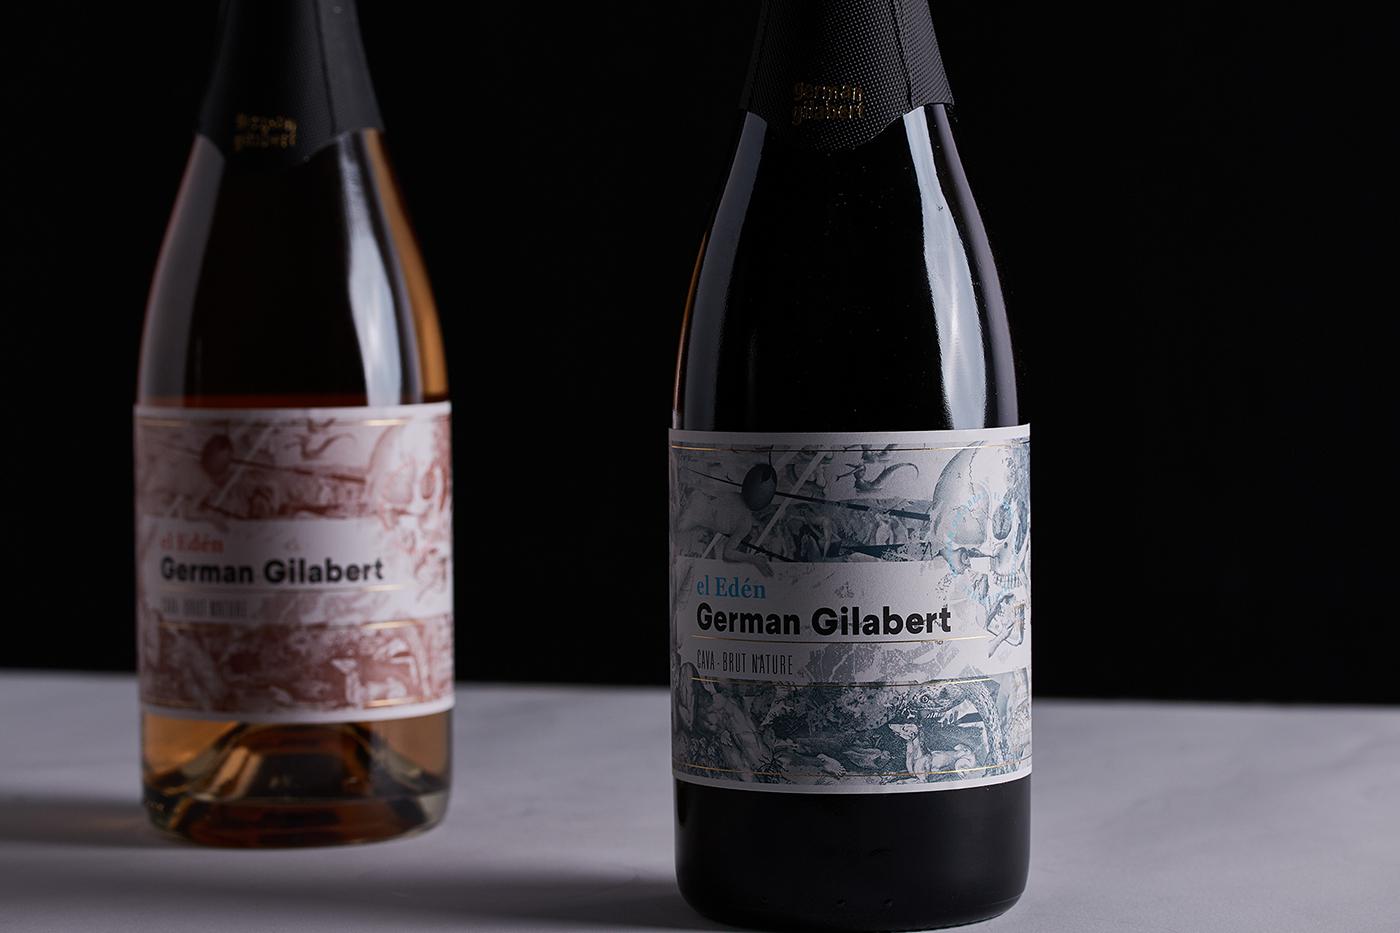 Brandsummit Agency & Alex Monzó wine label